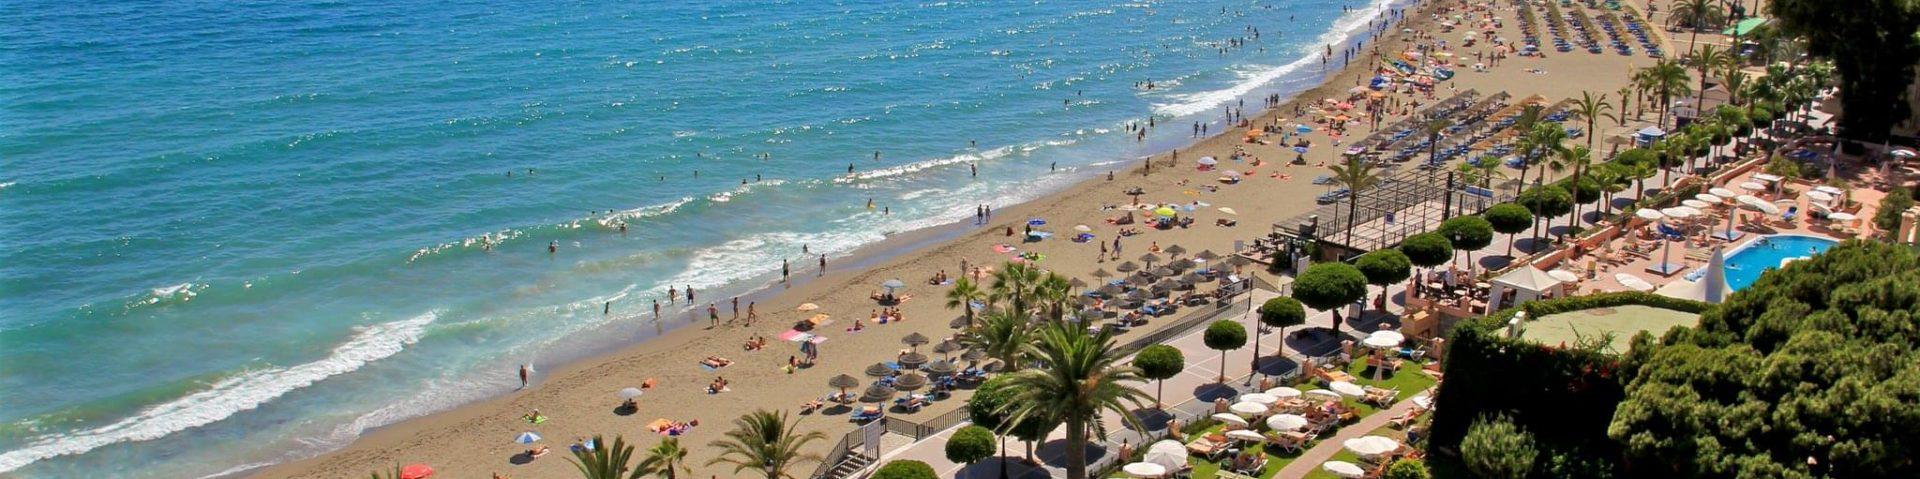 Marbella. Все о курорте Марбелья в Испании